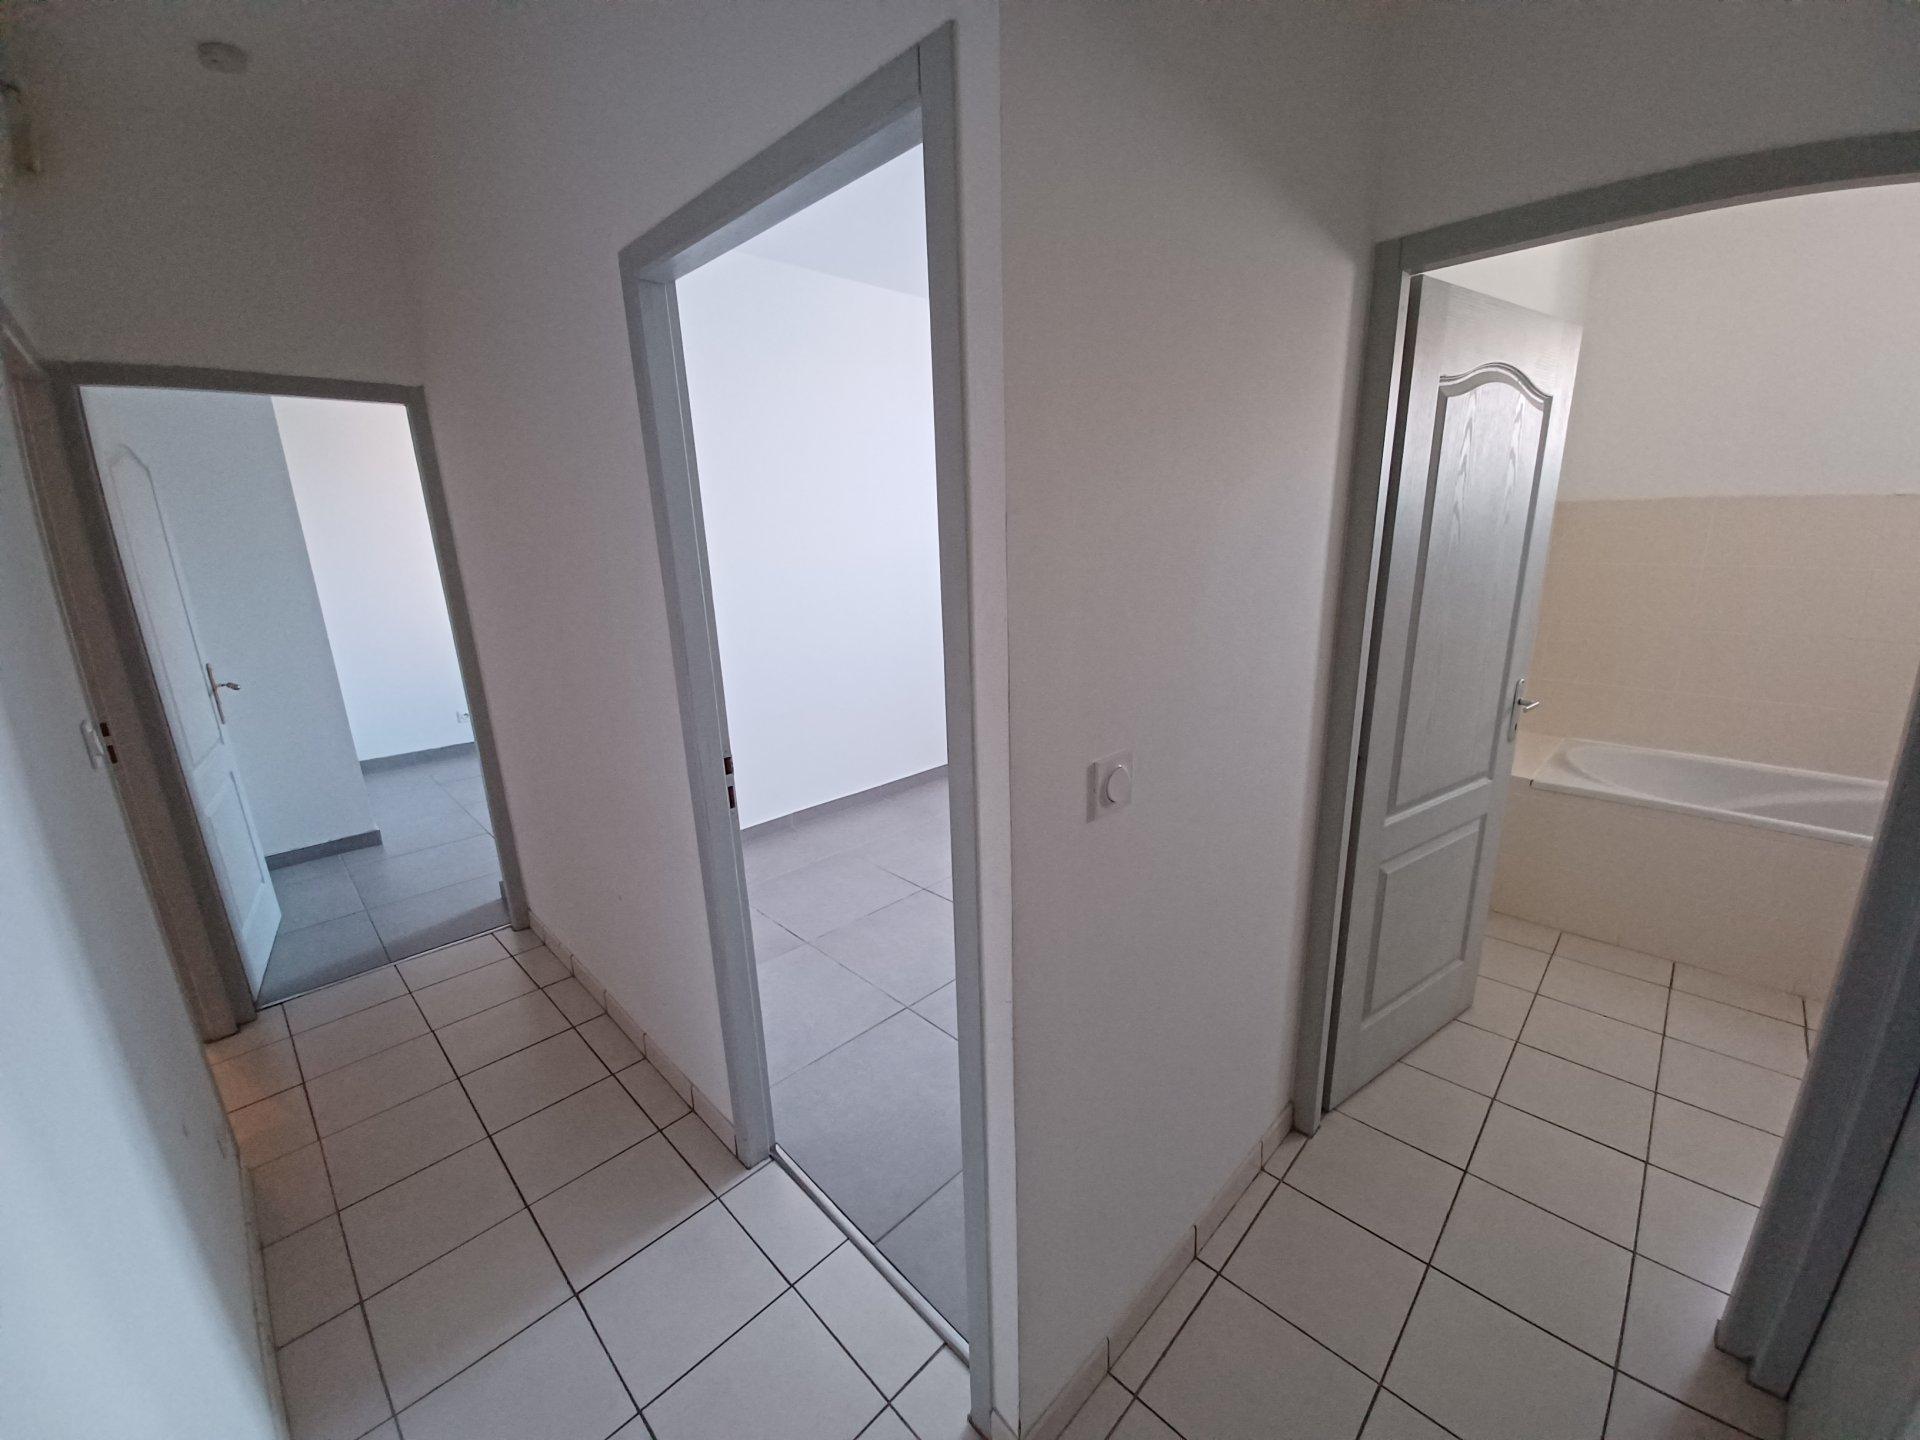 Location Appartement BEAUCAIRE surface habitable de 61 m²